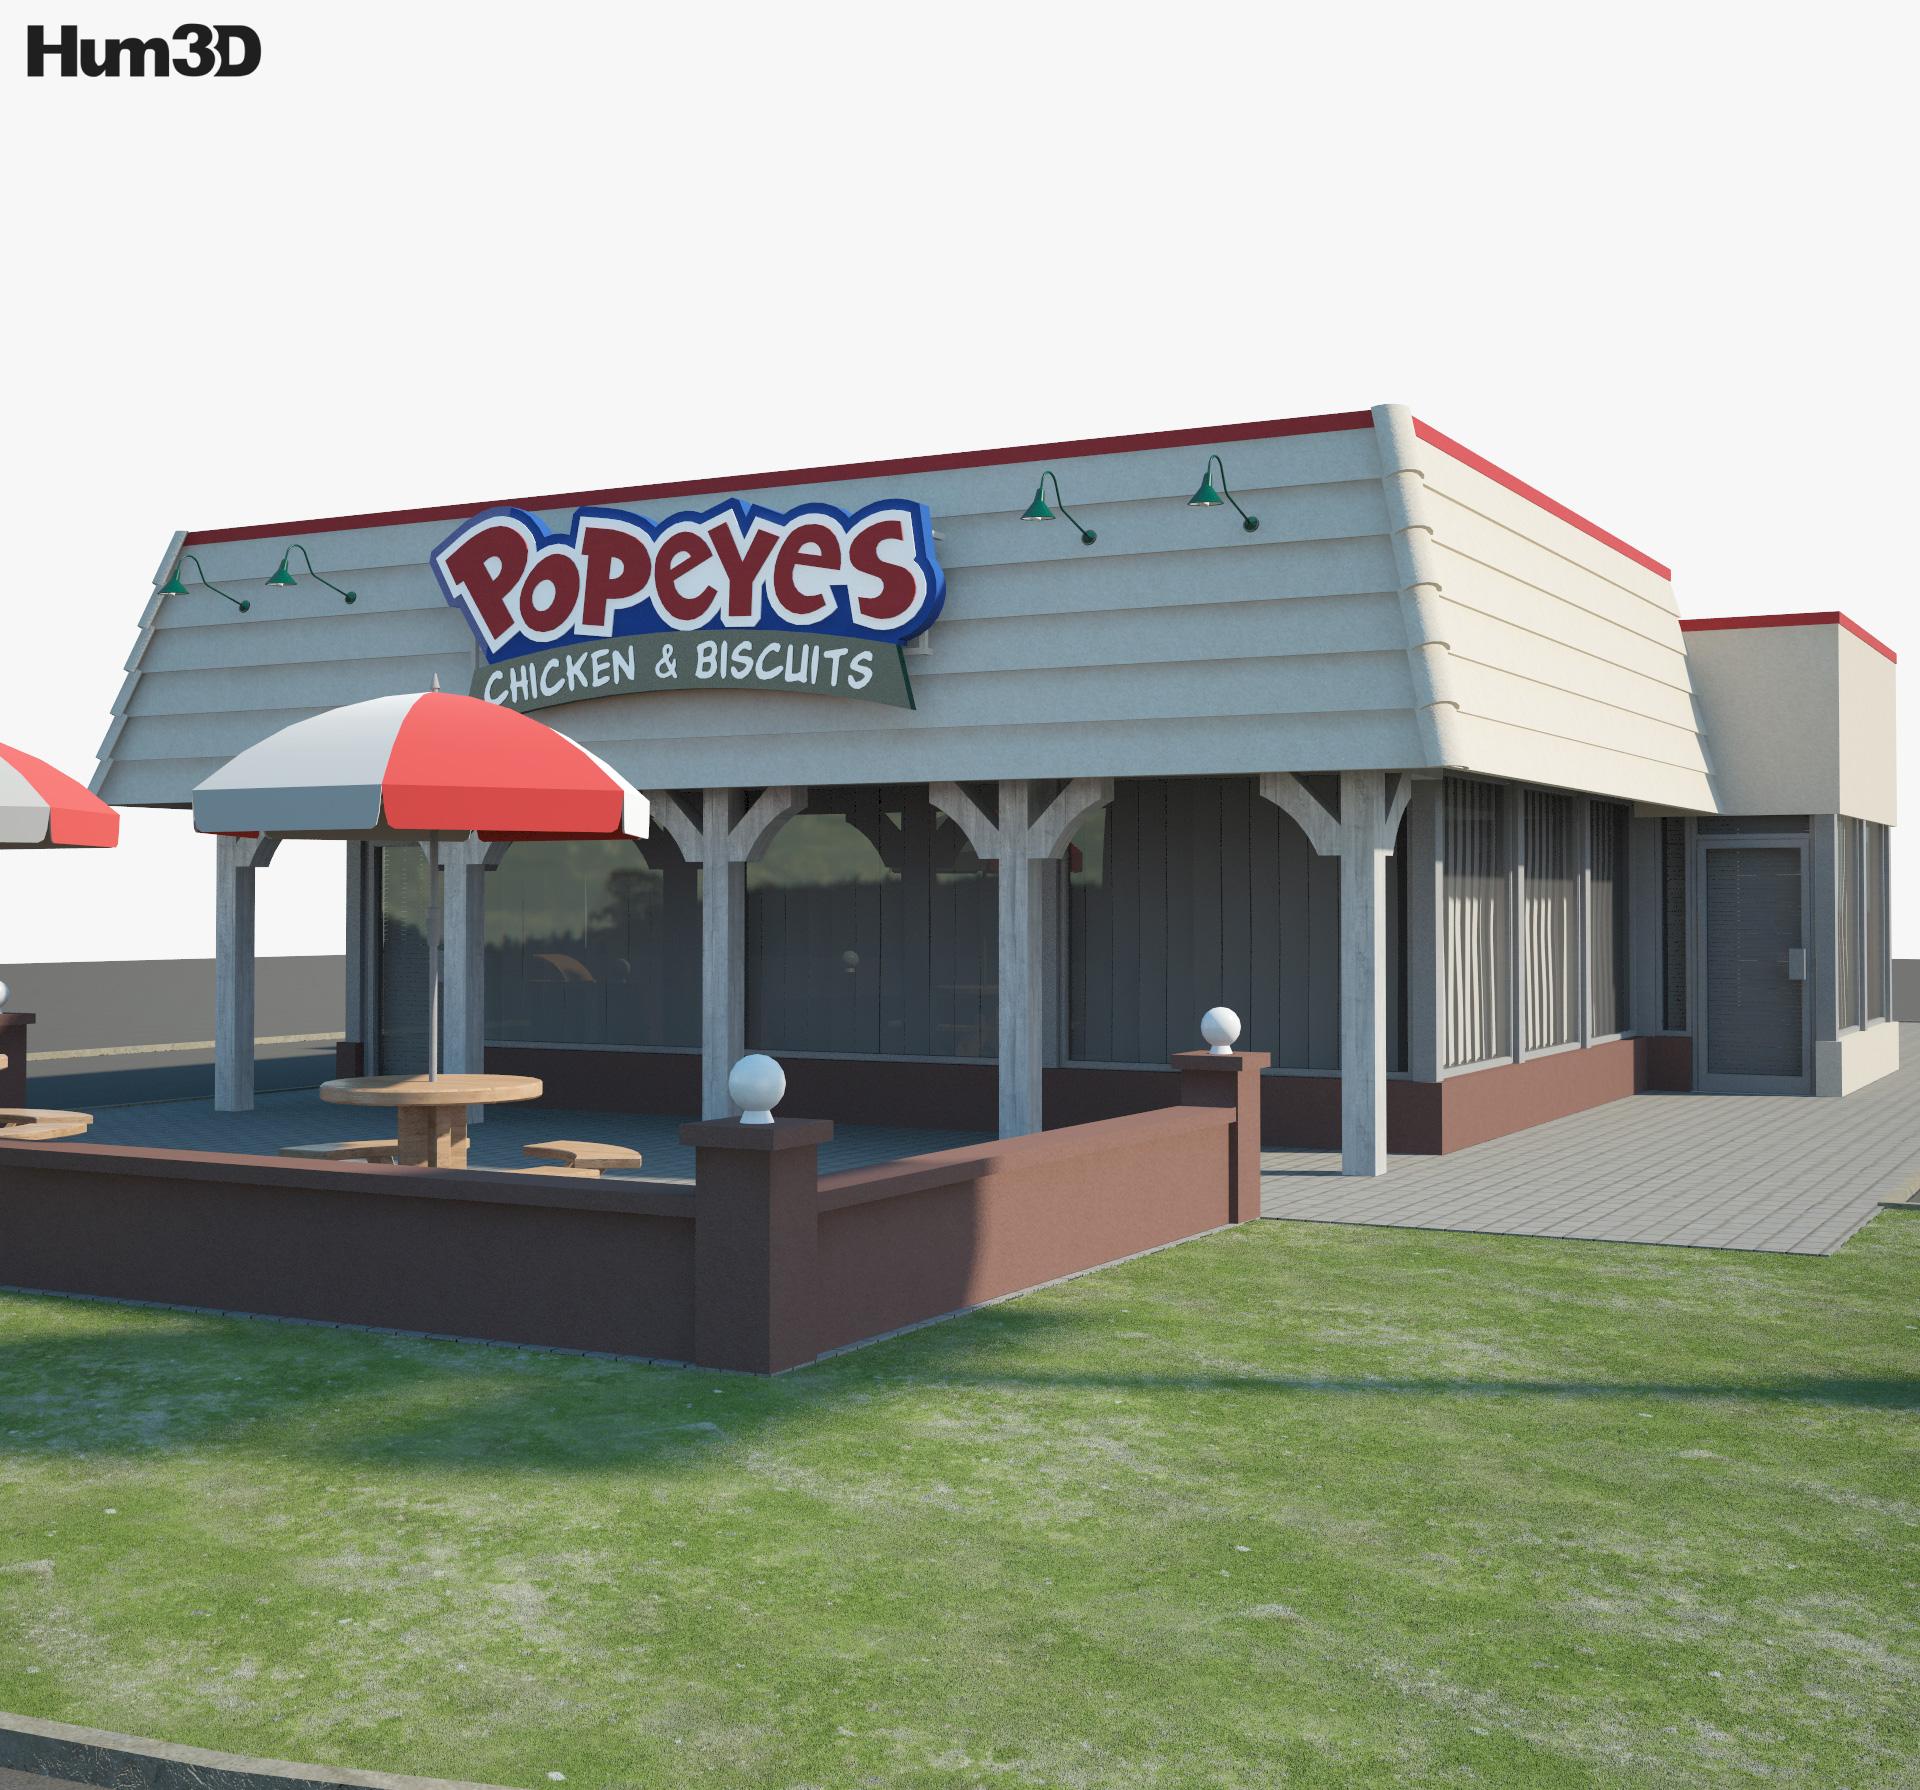 Popeyes Luisiana Kitchen 03 3d model